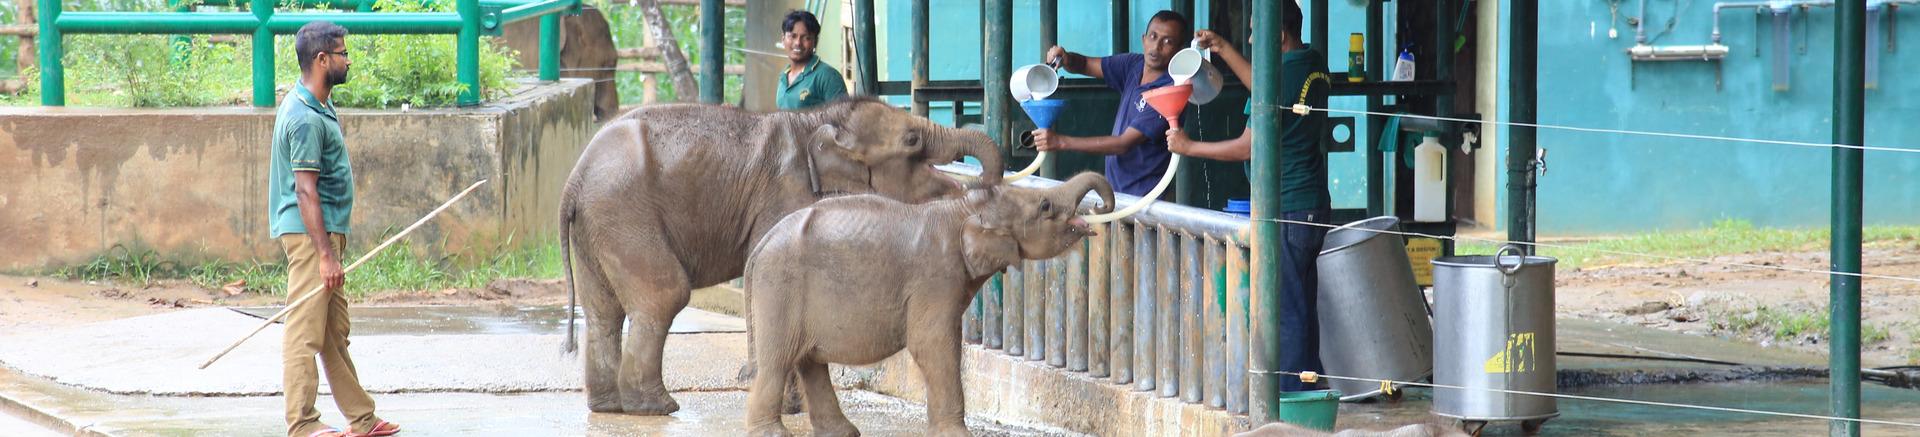 Punto de tránsito de elefantes